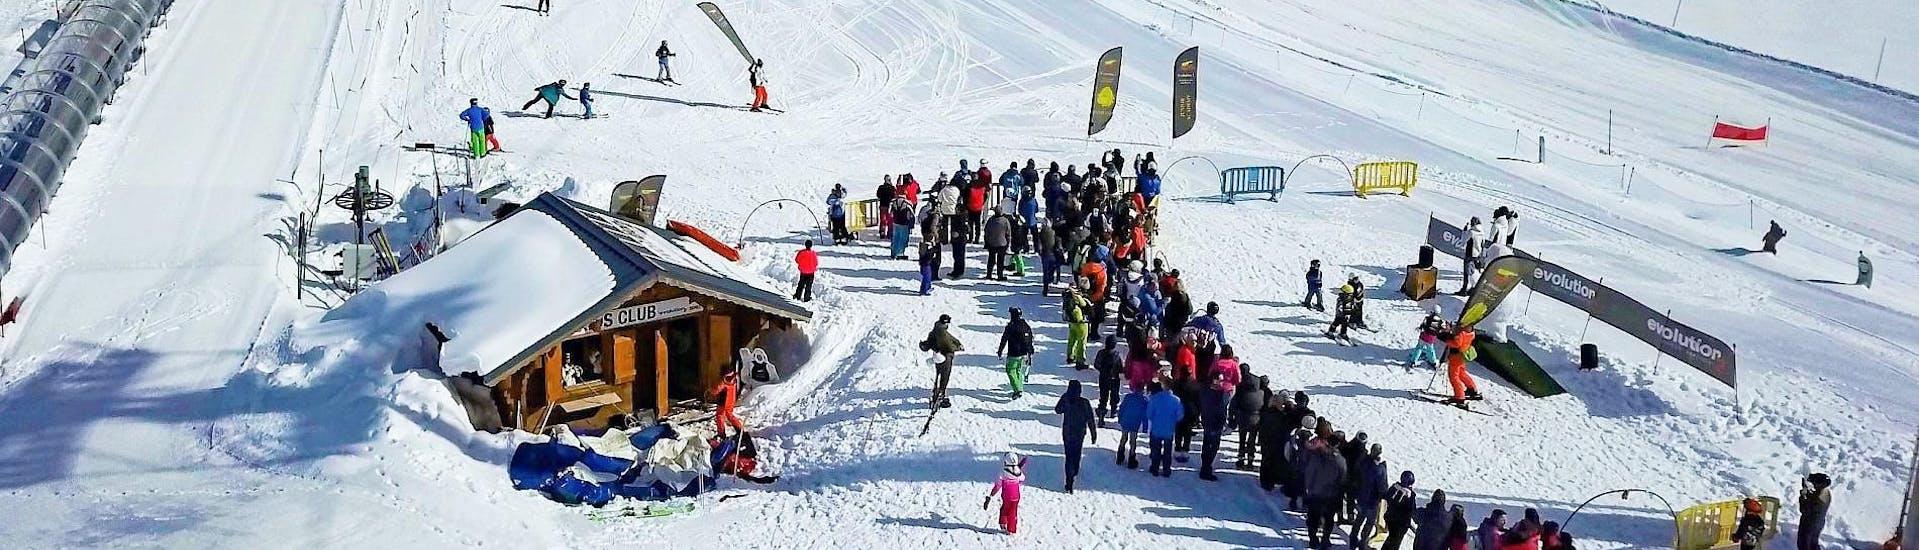 """Des jeunes skieurs apprennent à skier dans l'environnement sûr du Kids Club de l'école de ski Evolution 2 Tignes pendant leur Cours de ski pour Enfants """"Kids Club"""" (3-5 ans) - Matin."""